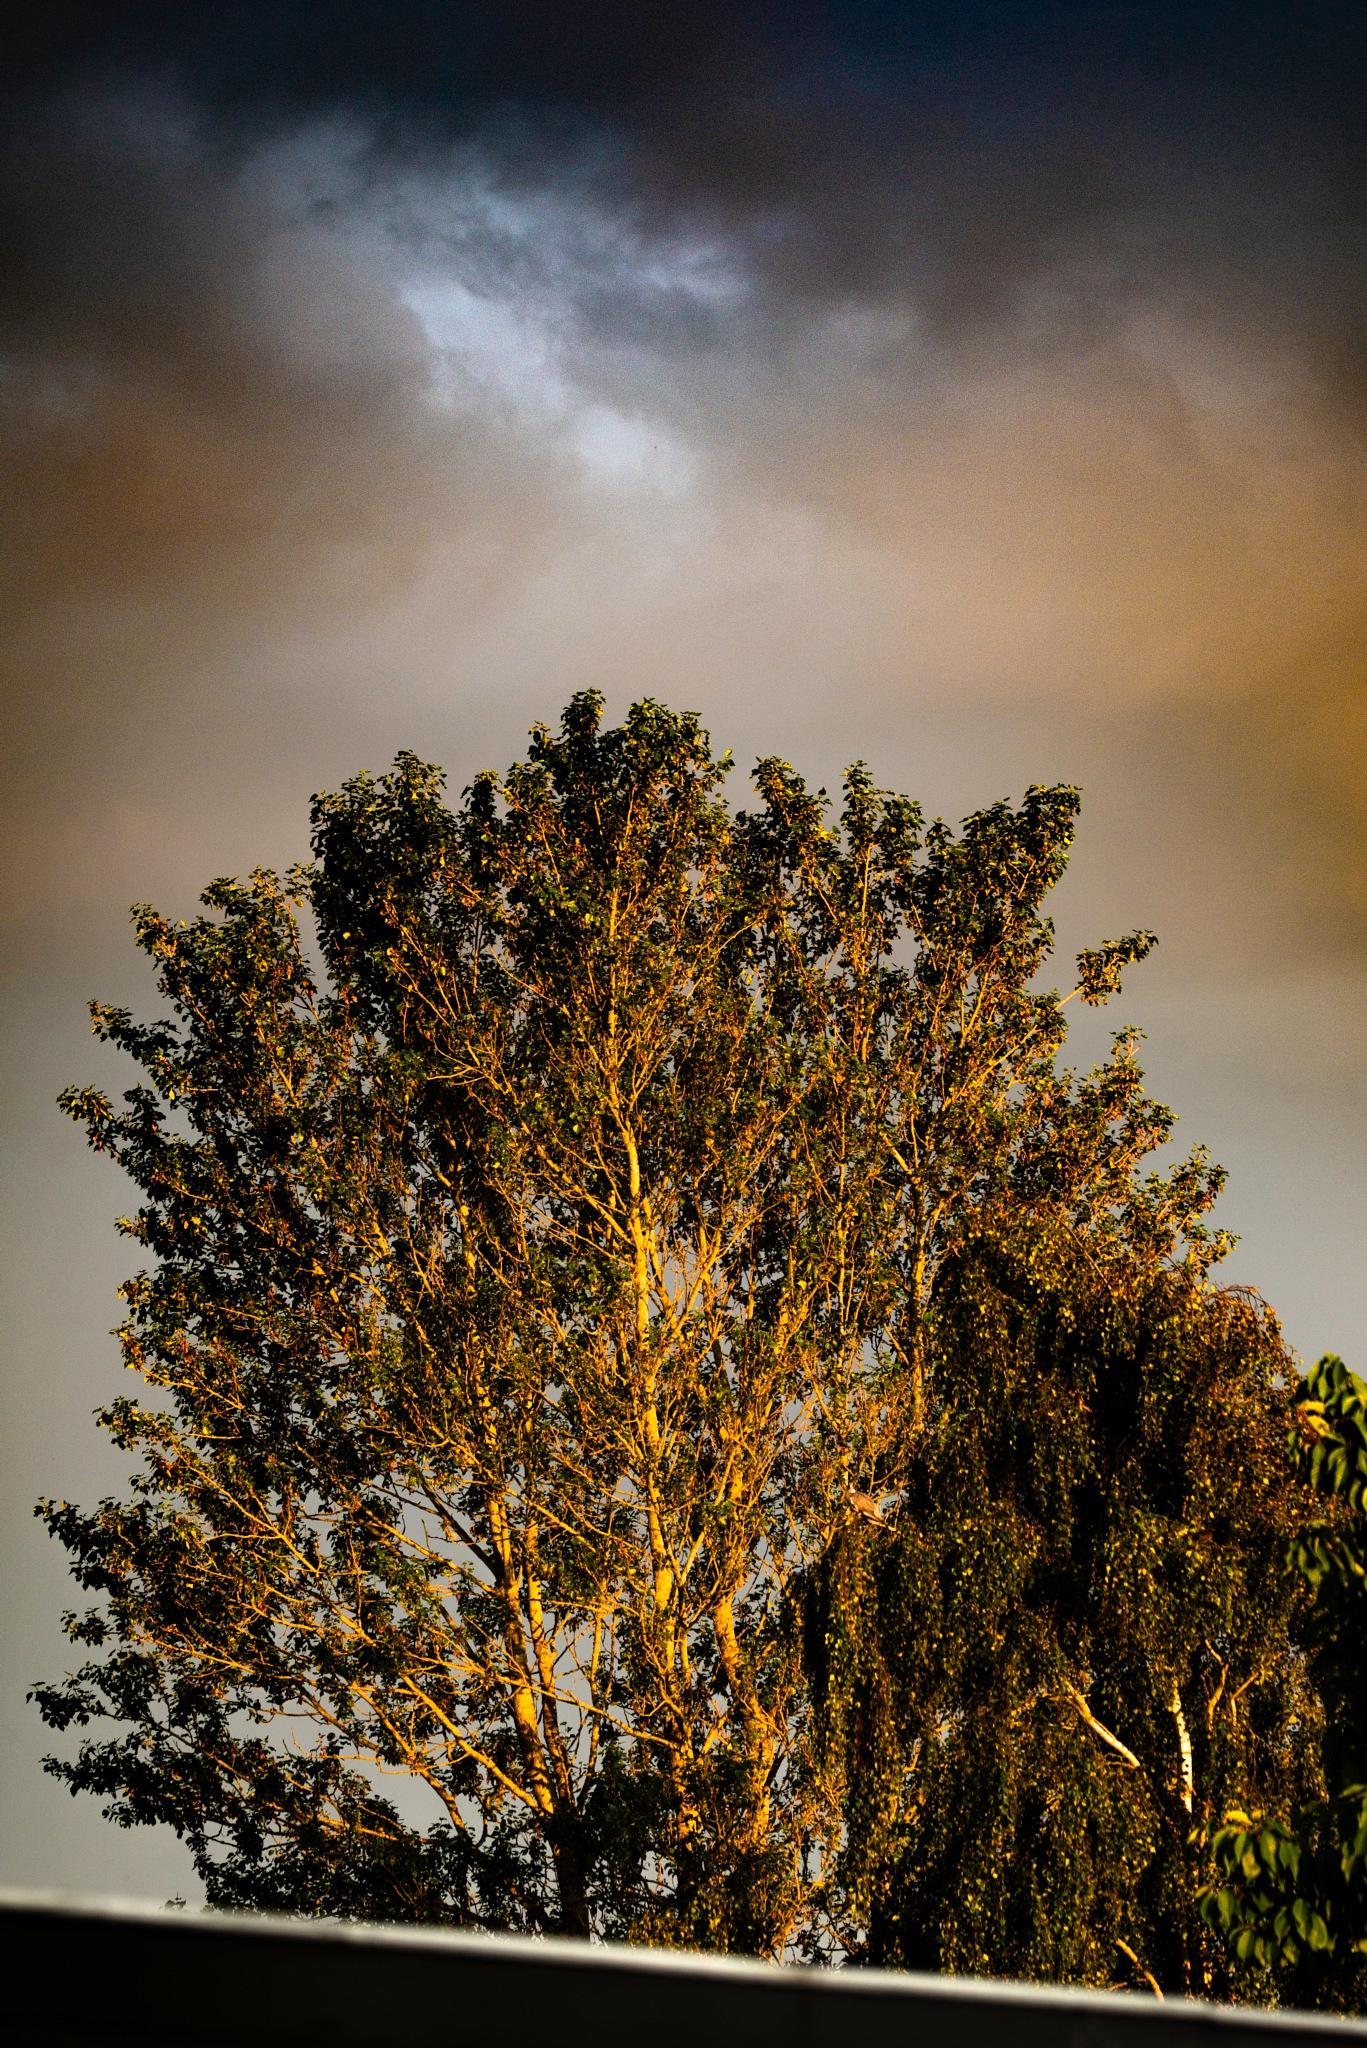 Sunset tree by Steen Skov